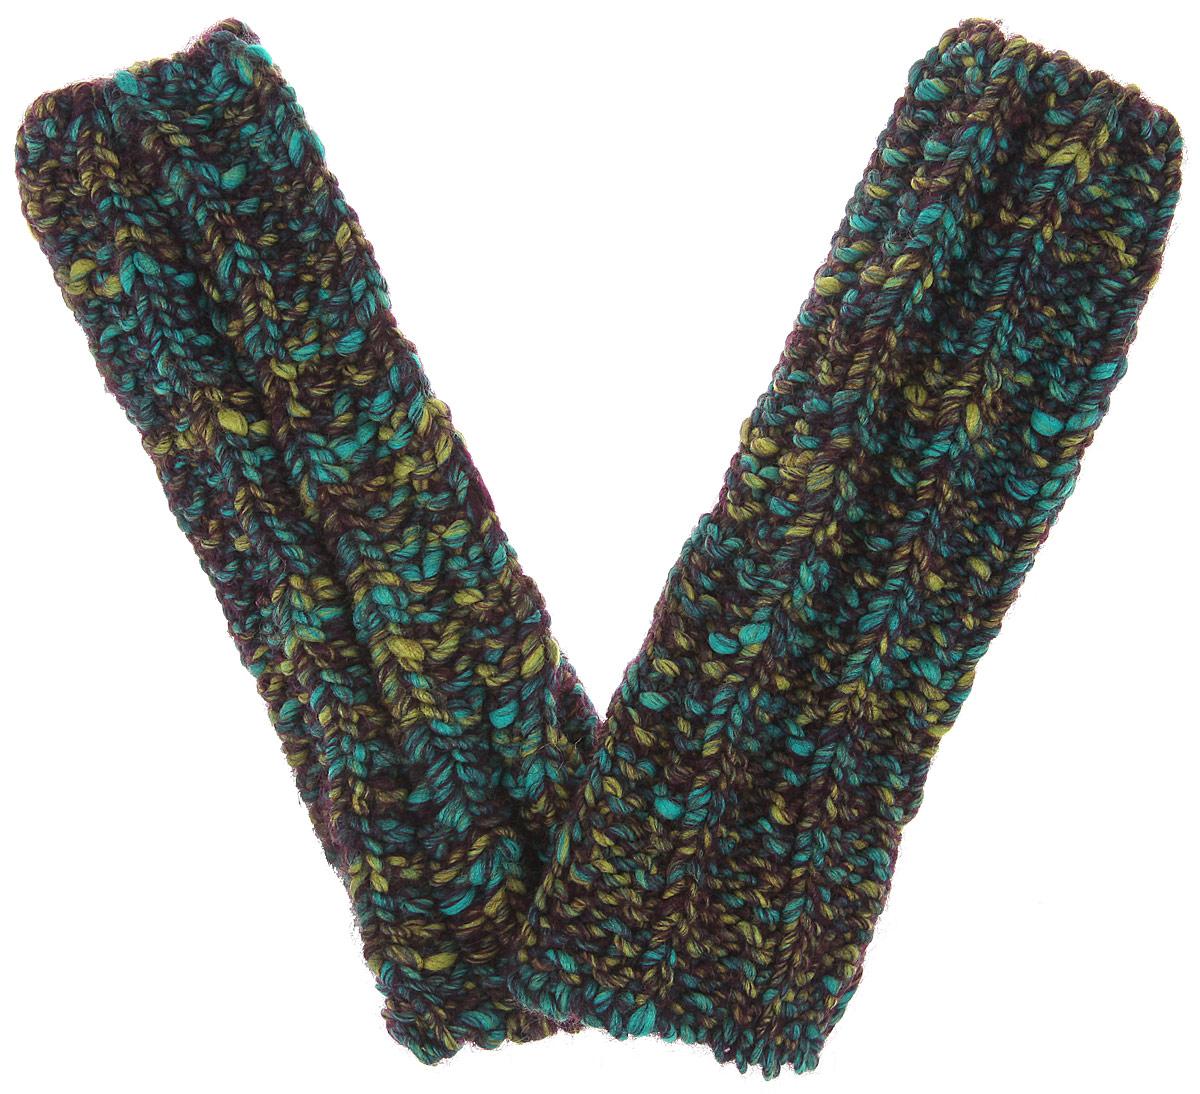 Митенки женские. MWM5020MWM5020-085Вязаные женские митенки Marhatter не только защитят ваши руки от холода, но и станут отличным дополнением к вашему образу. Выполненные из шерсти и акрила, они очень мягкие и приятные на ощупь, идеально сидят на руке и хорошо тянутся. Модель оформлена вязаным узором. Теплый и стильный аксессуар подчеркнет вашу индивидуальность!